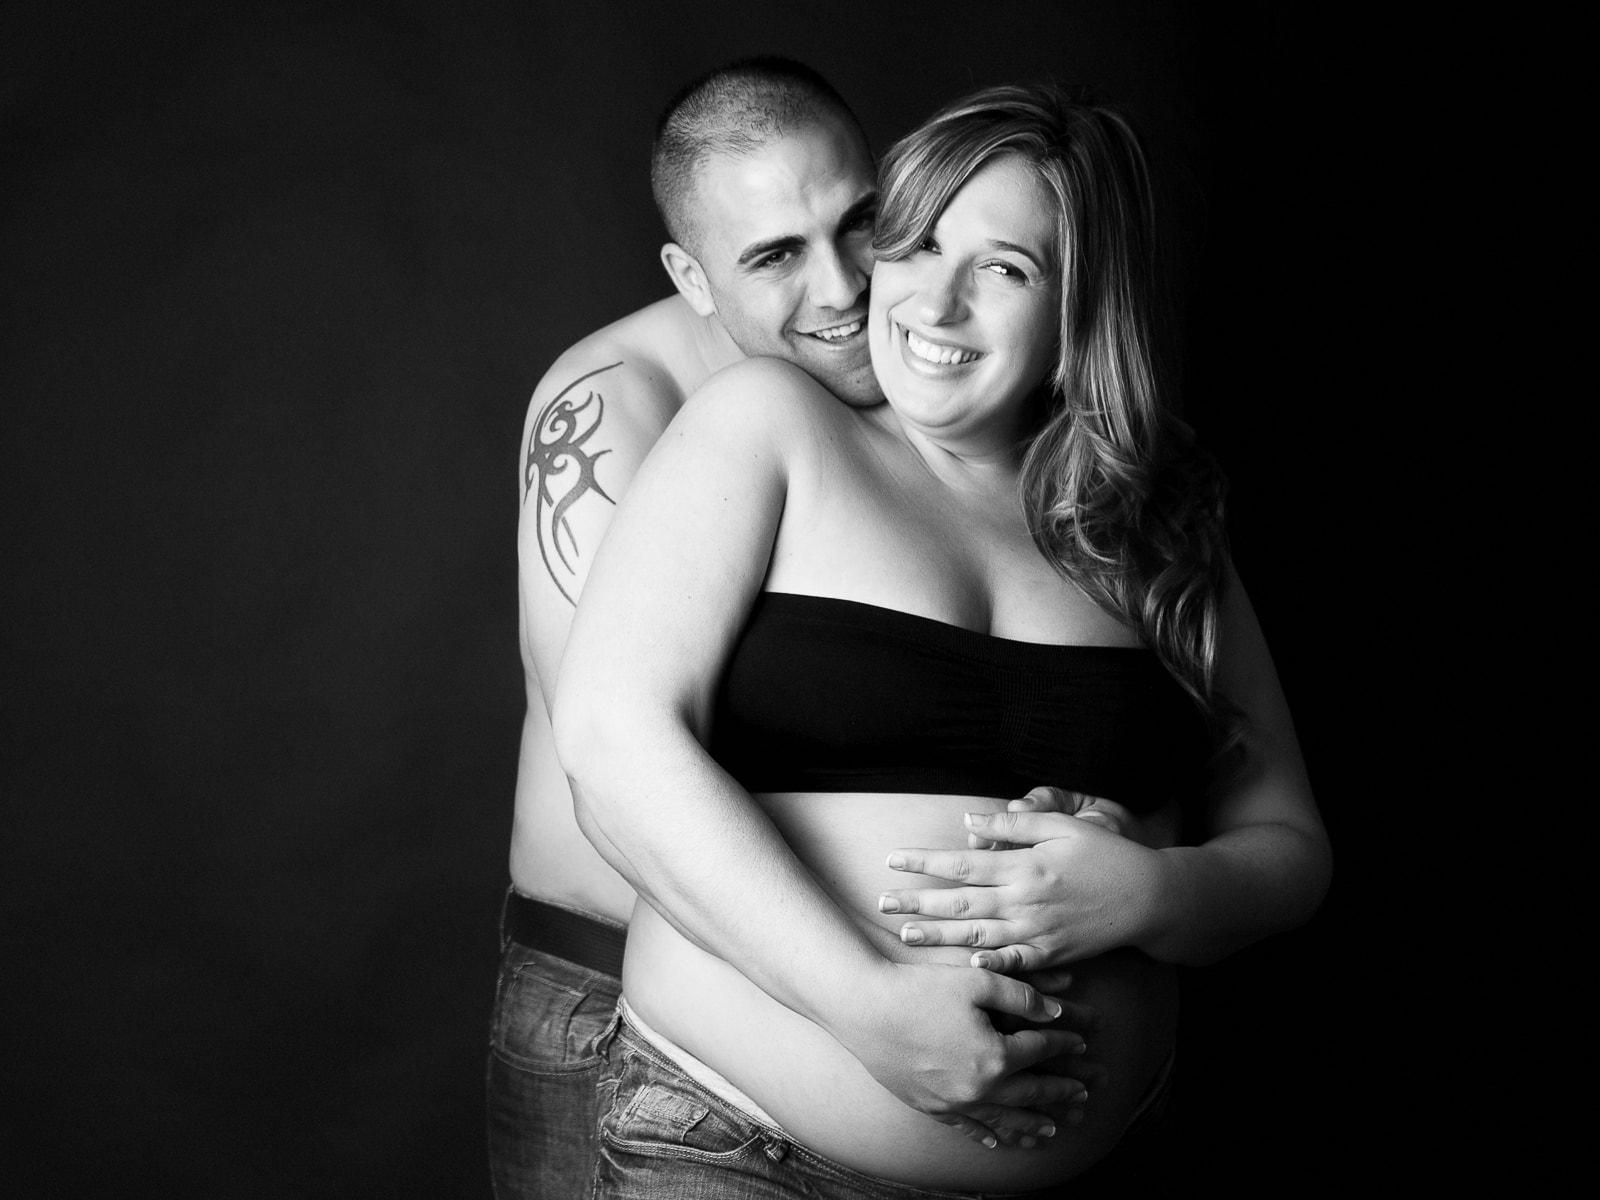 sesiones fotograficas de maternidad en algeciras campo de gibraltar